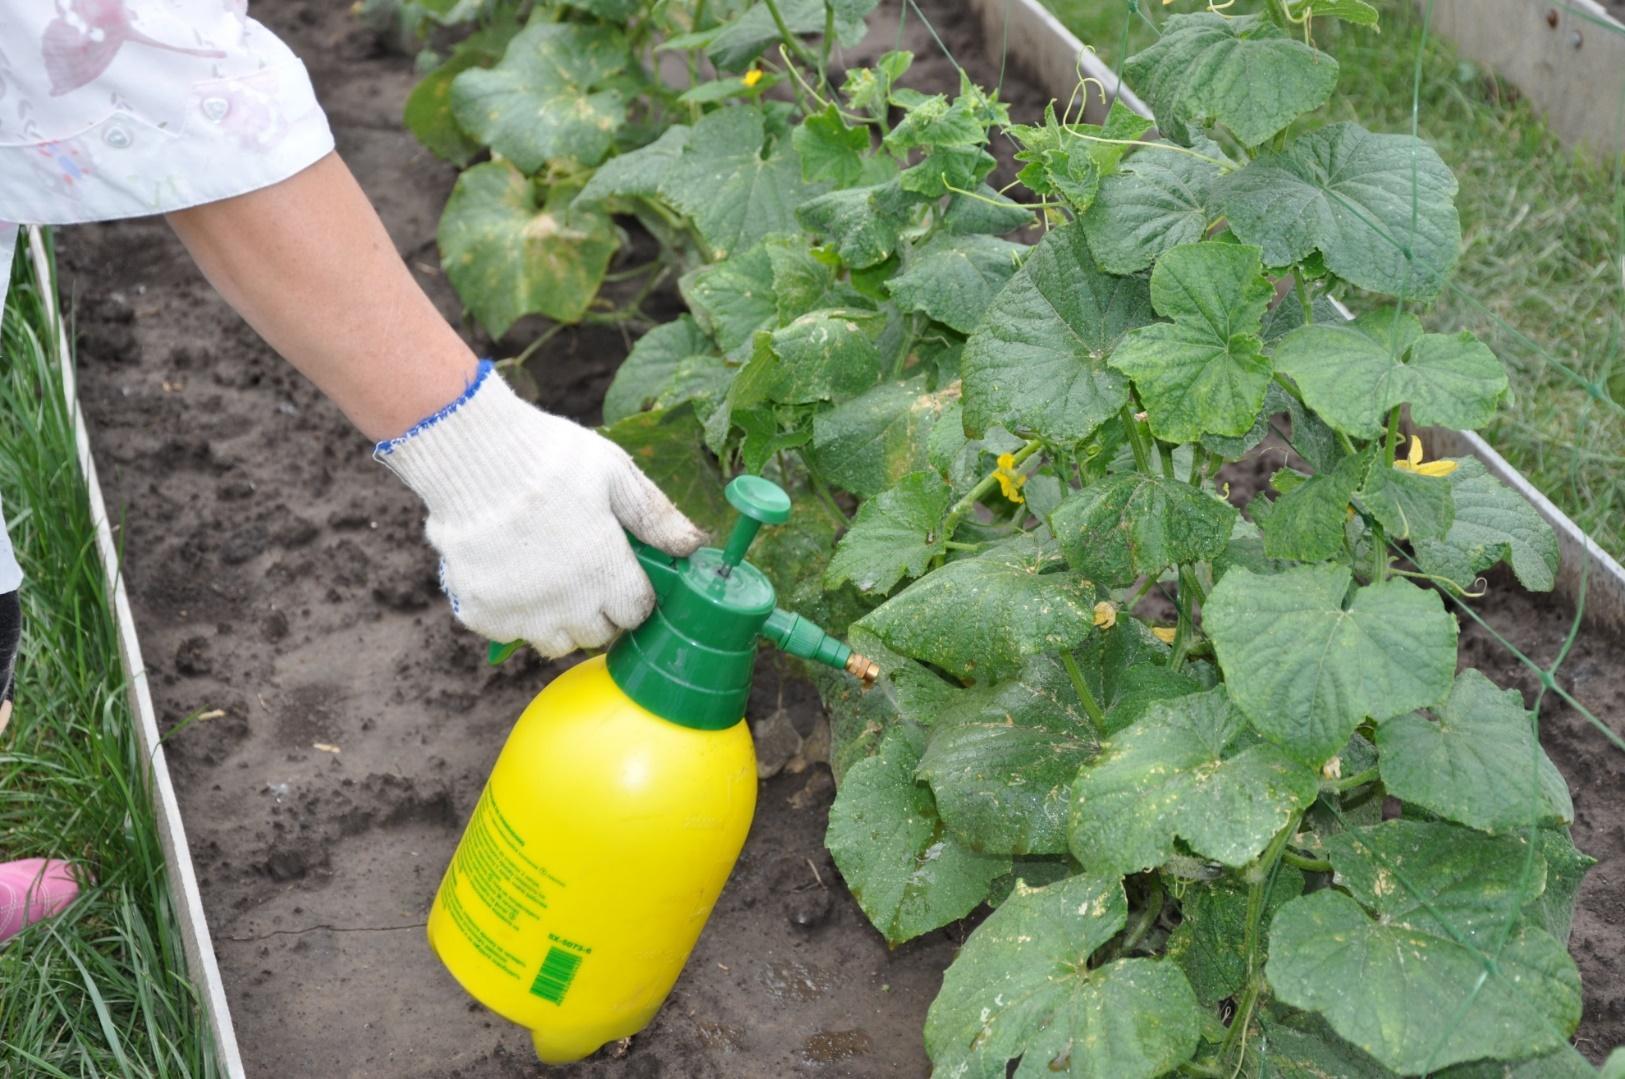 Подкормка капусты после посадки в открытый грунт: чем можно удобрять для роста высаженный ранний овощ, первый раз и далее поэтапно, а также после заморозков?